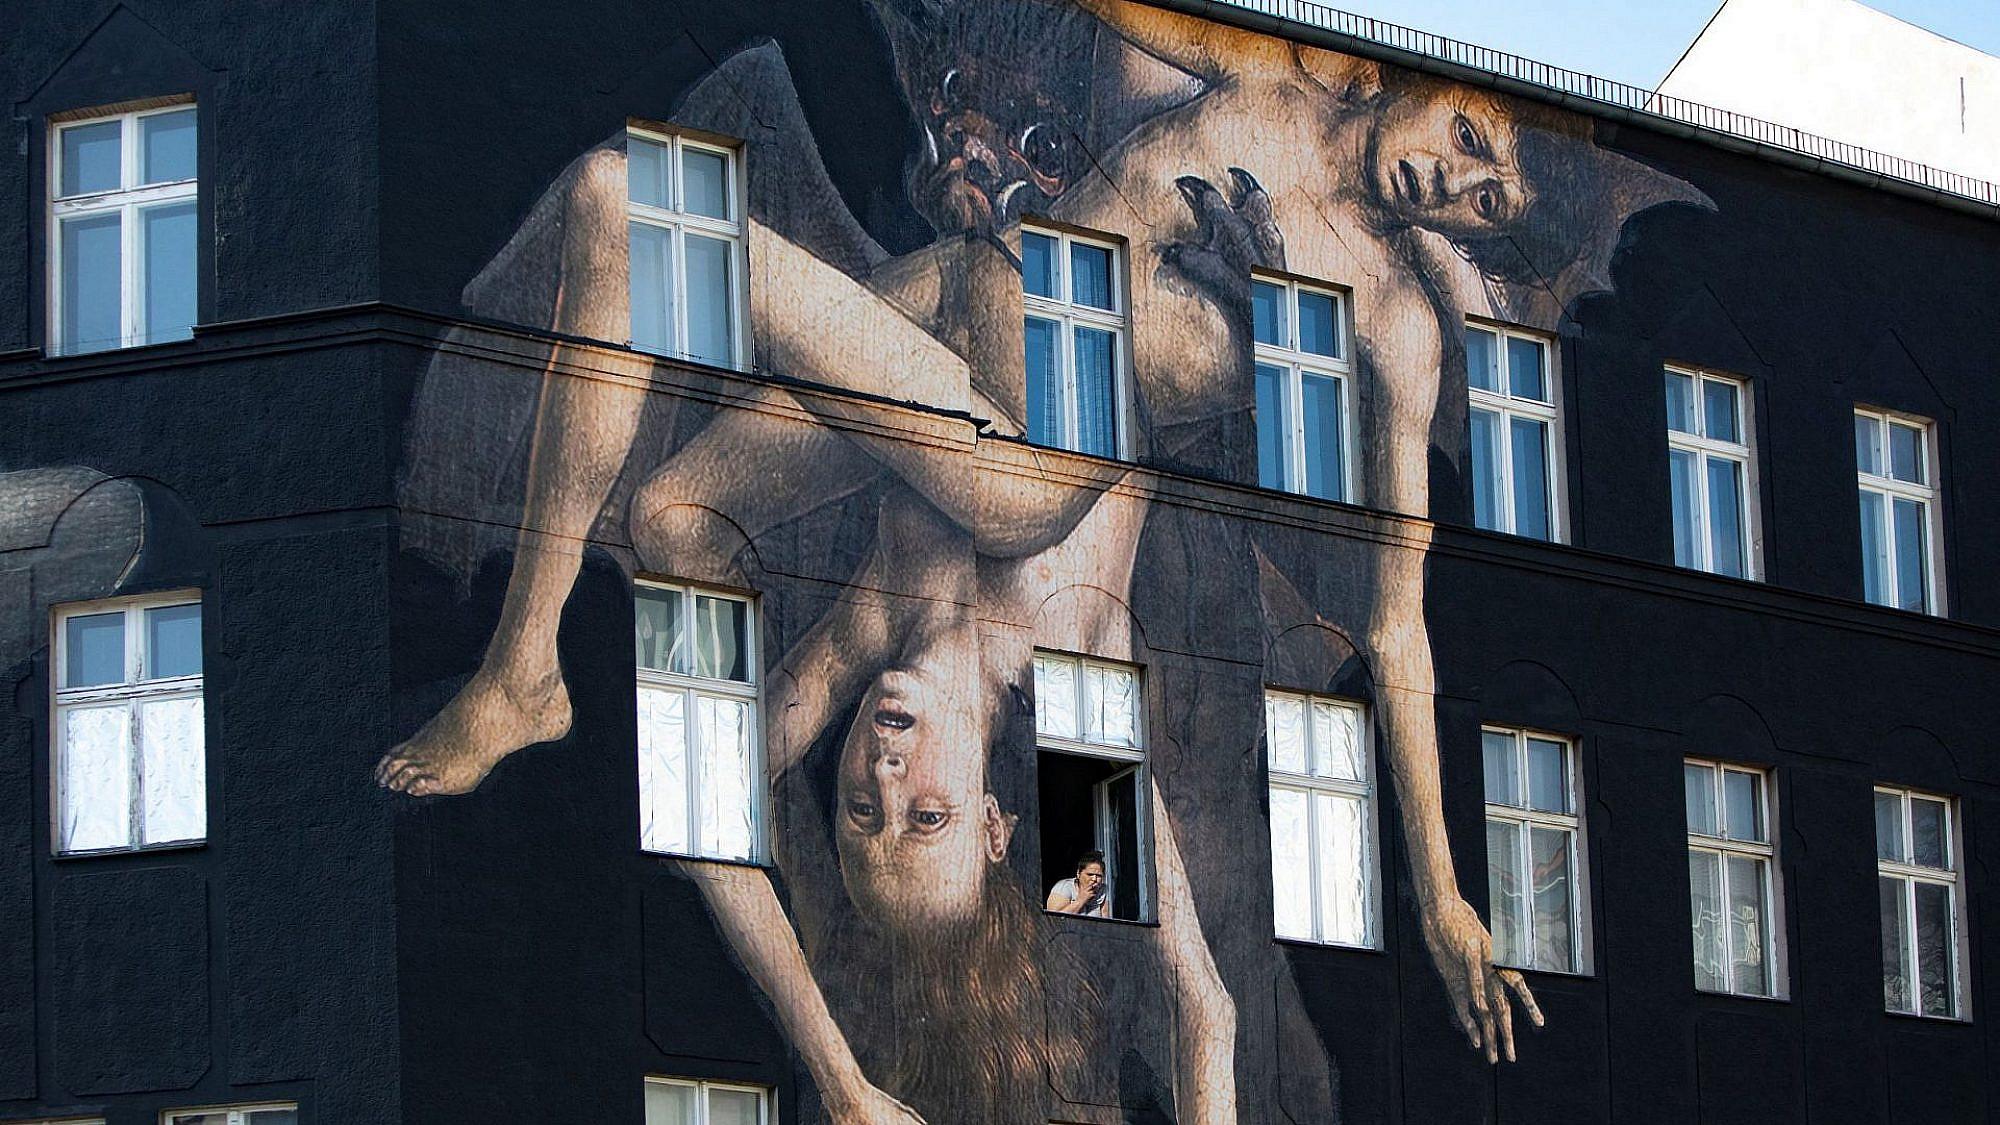 """מתוך פרויקט מרפסות """"שלום מארצות הבלקון"""". צילום: מרב מרודי, ברלין"""